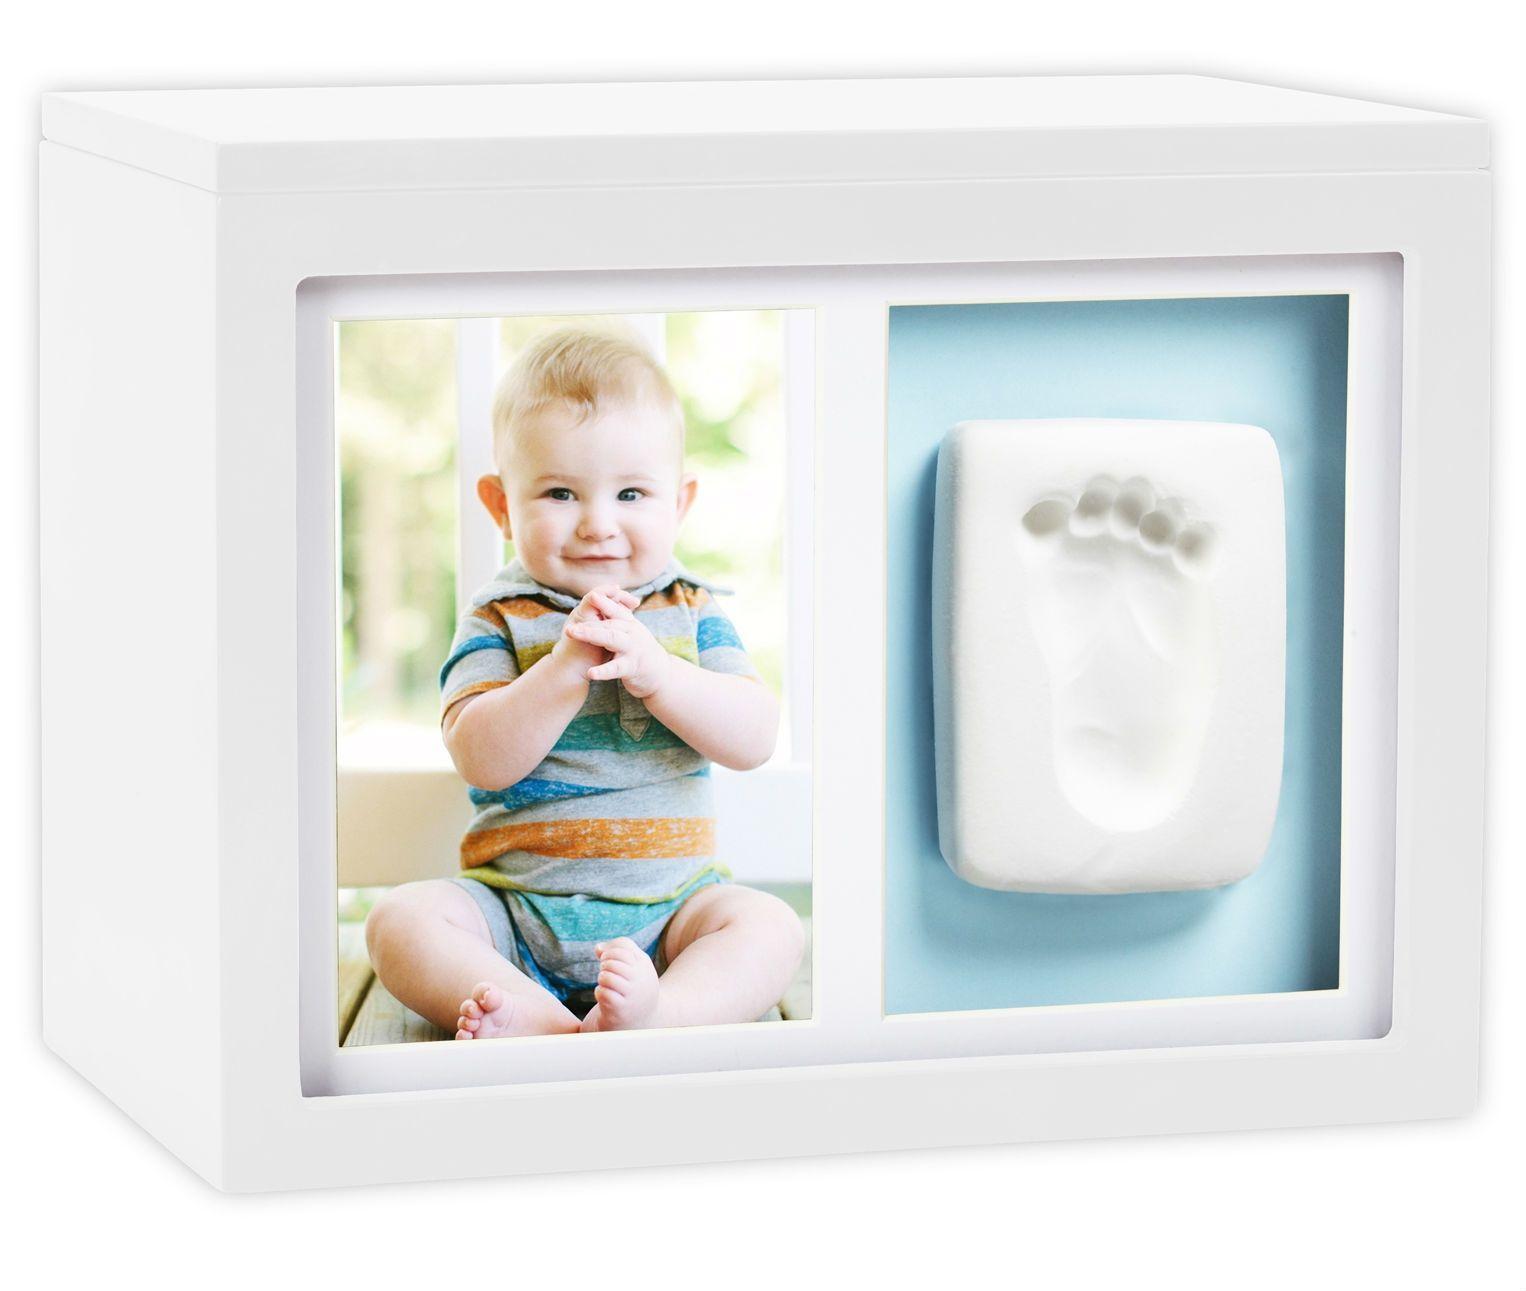 Billede af Babyprints Memory Box fra Pearhead - Kasse til minder og gemmer